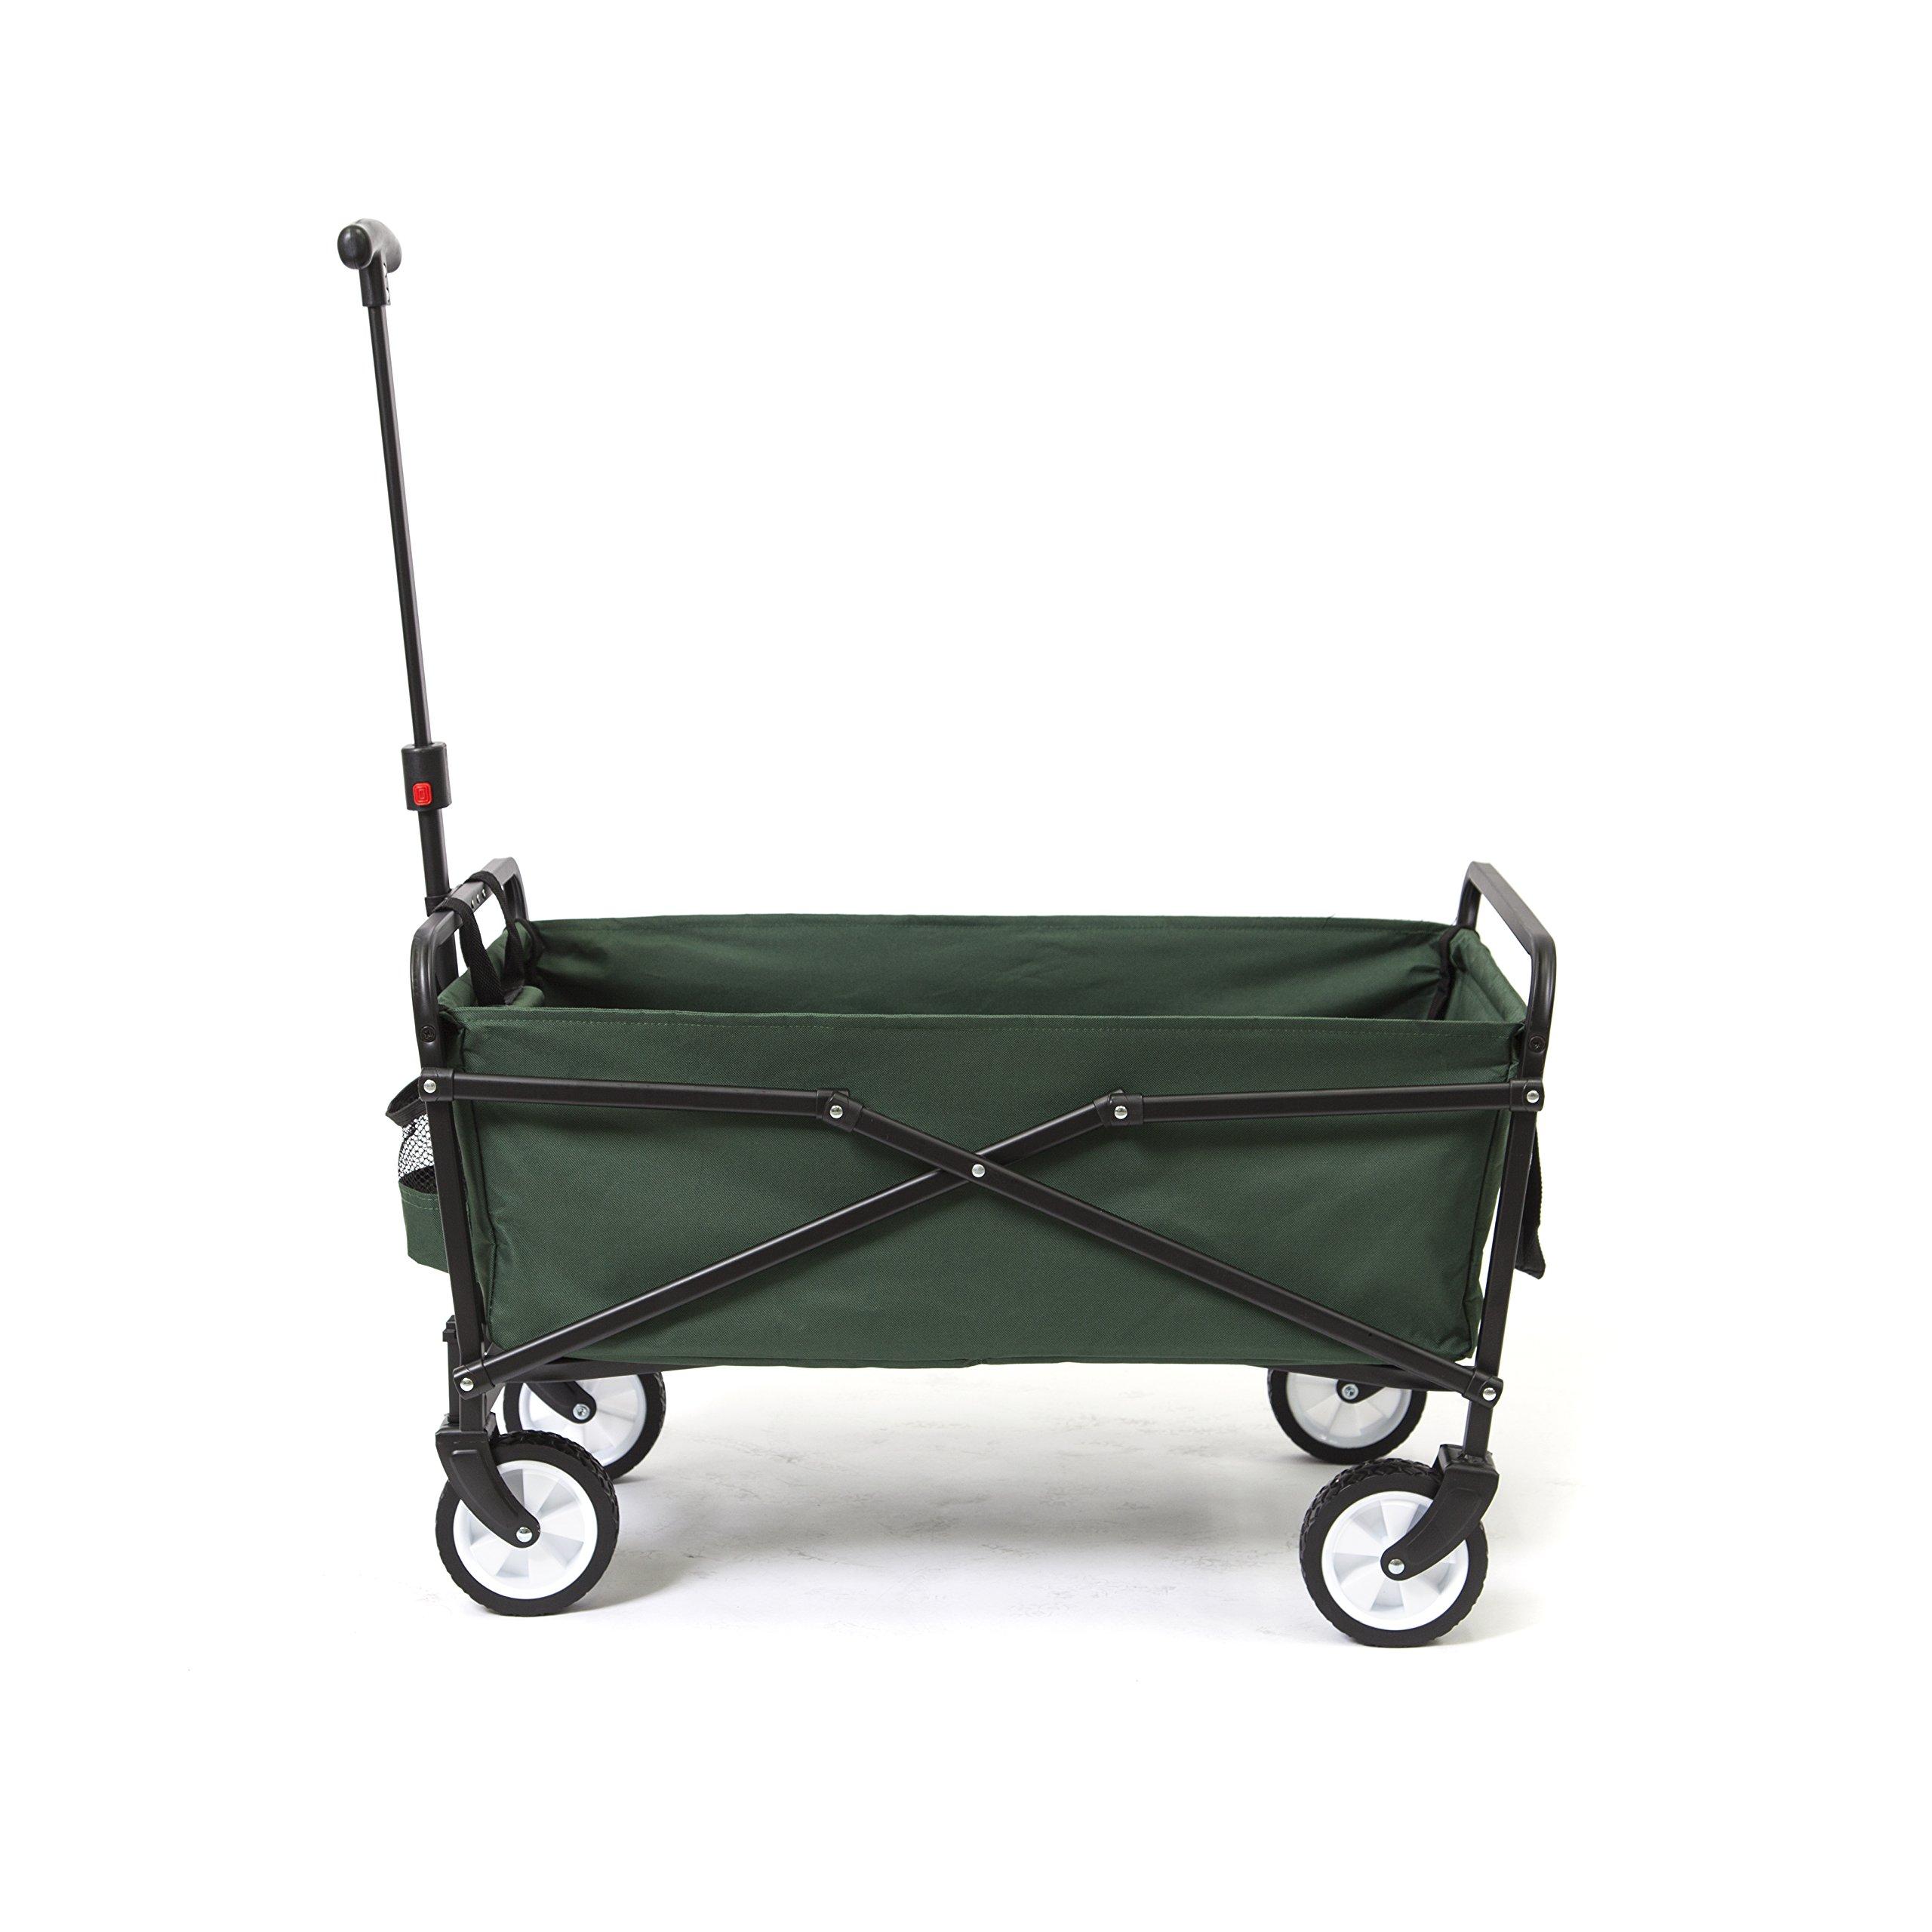 YSC Wagon Garden Folding Utility Shopping Cart,Beach (Green) by YSC (Image #3)